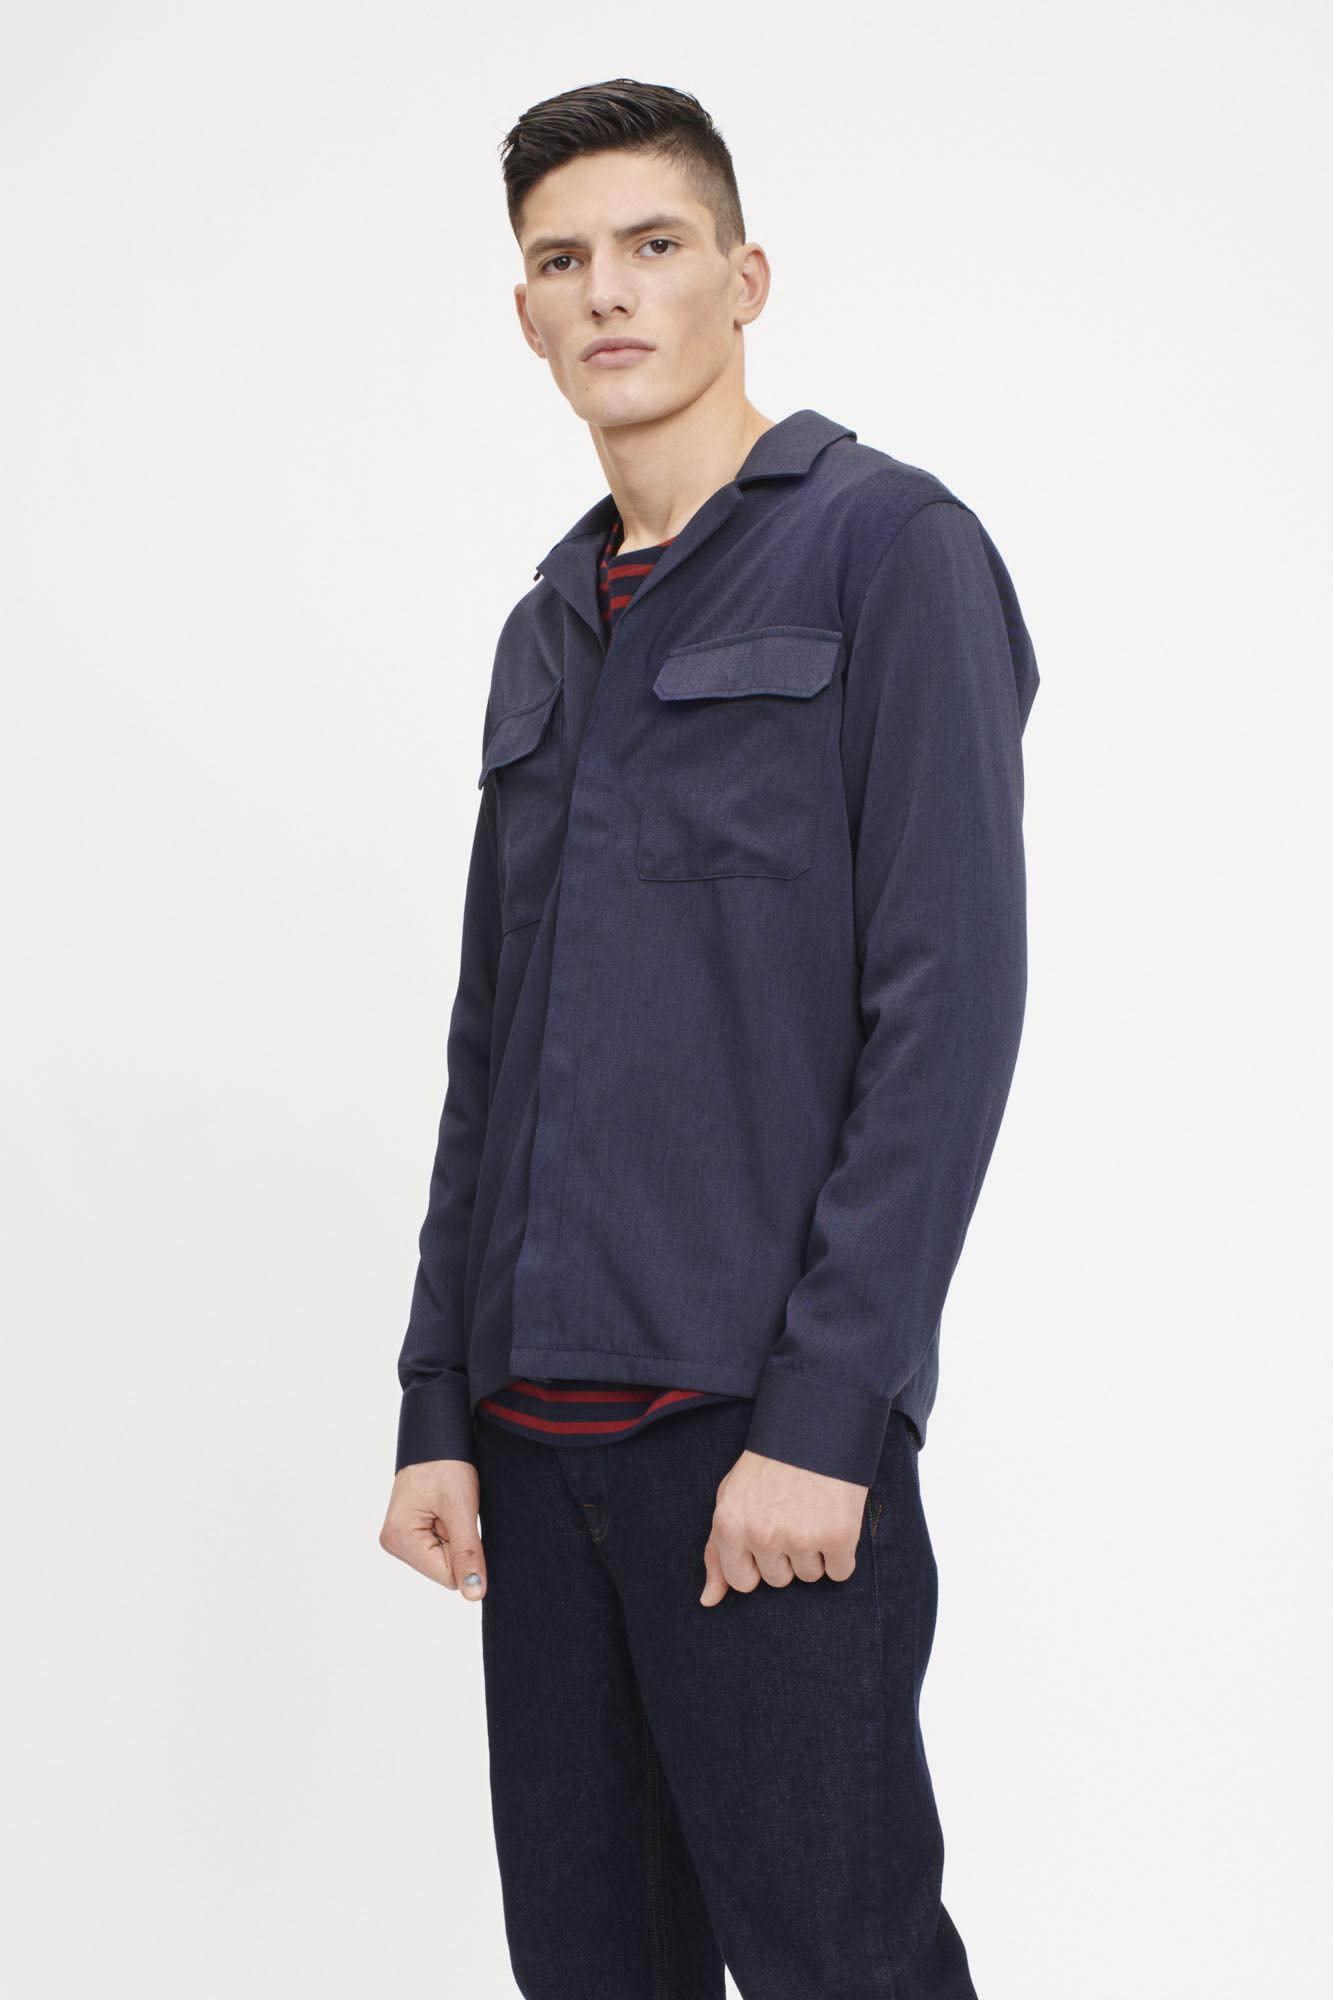 Verner AE shirt 10923